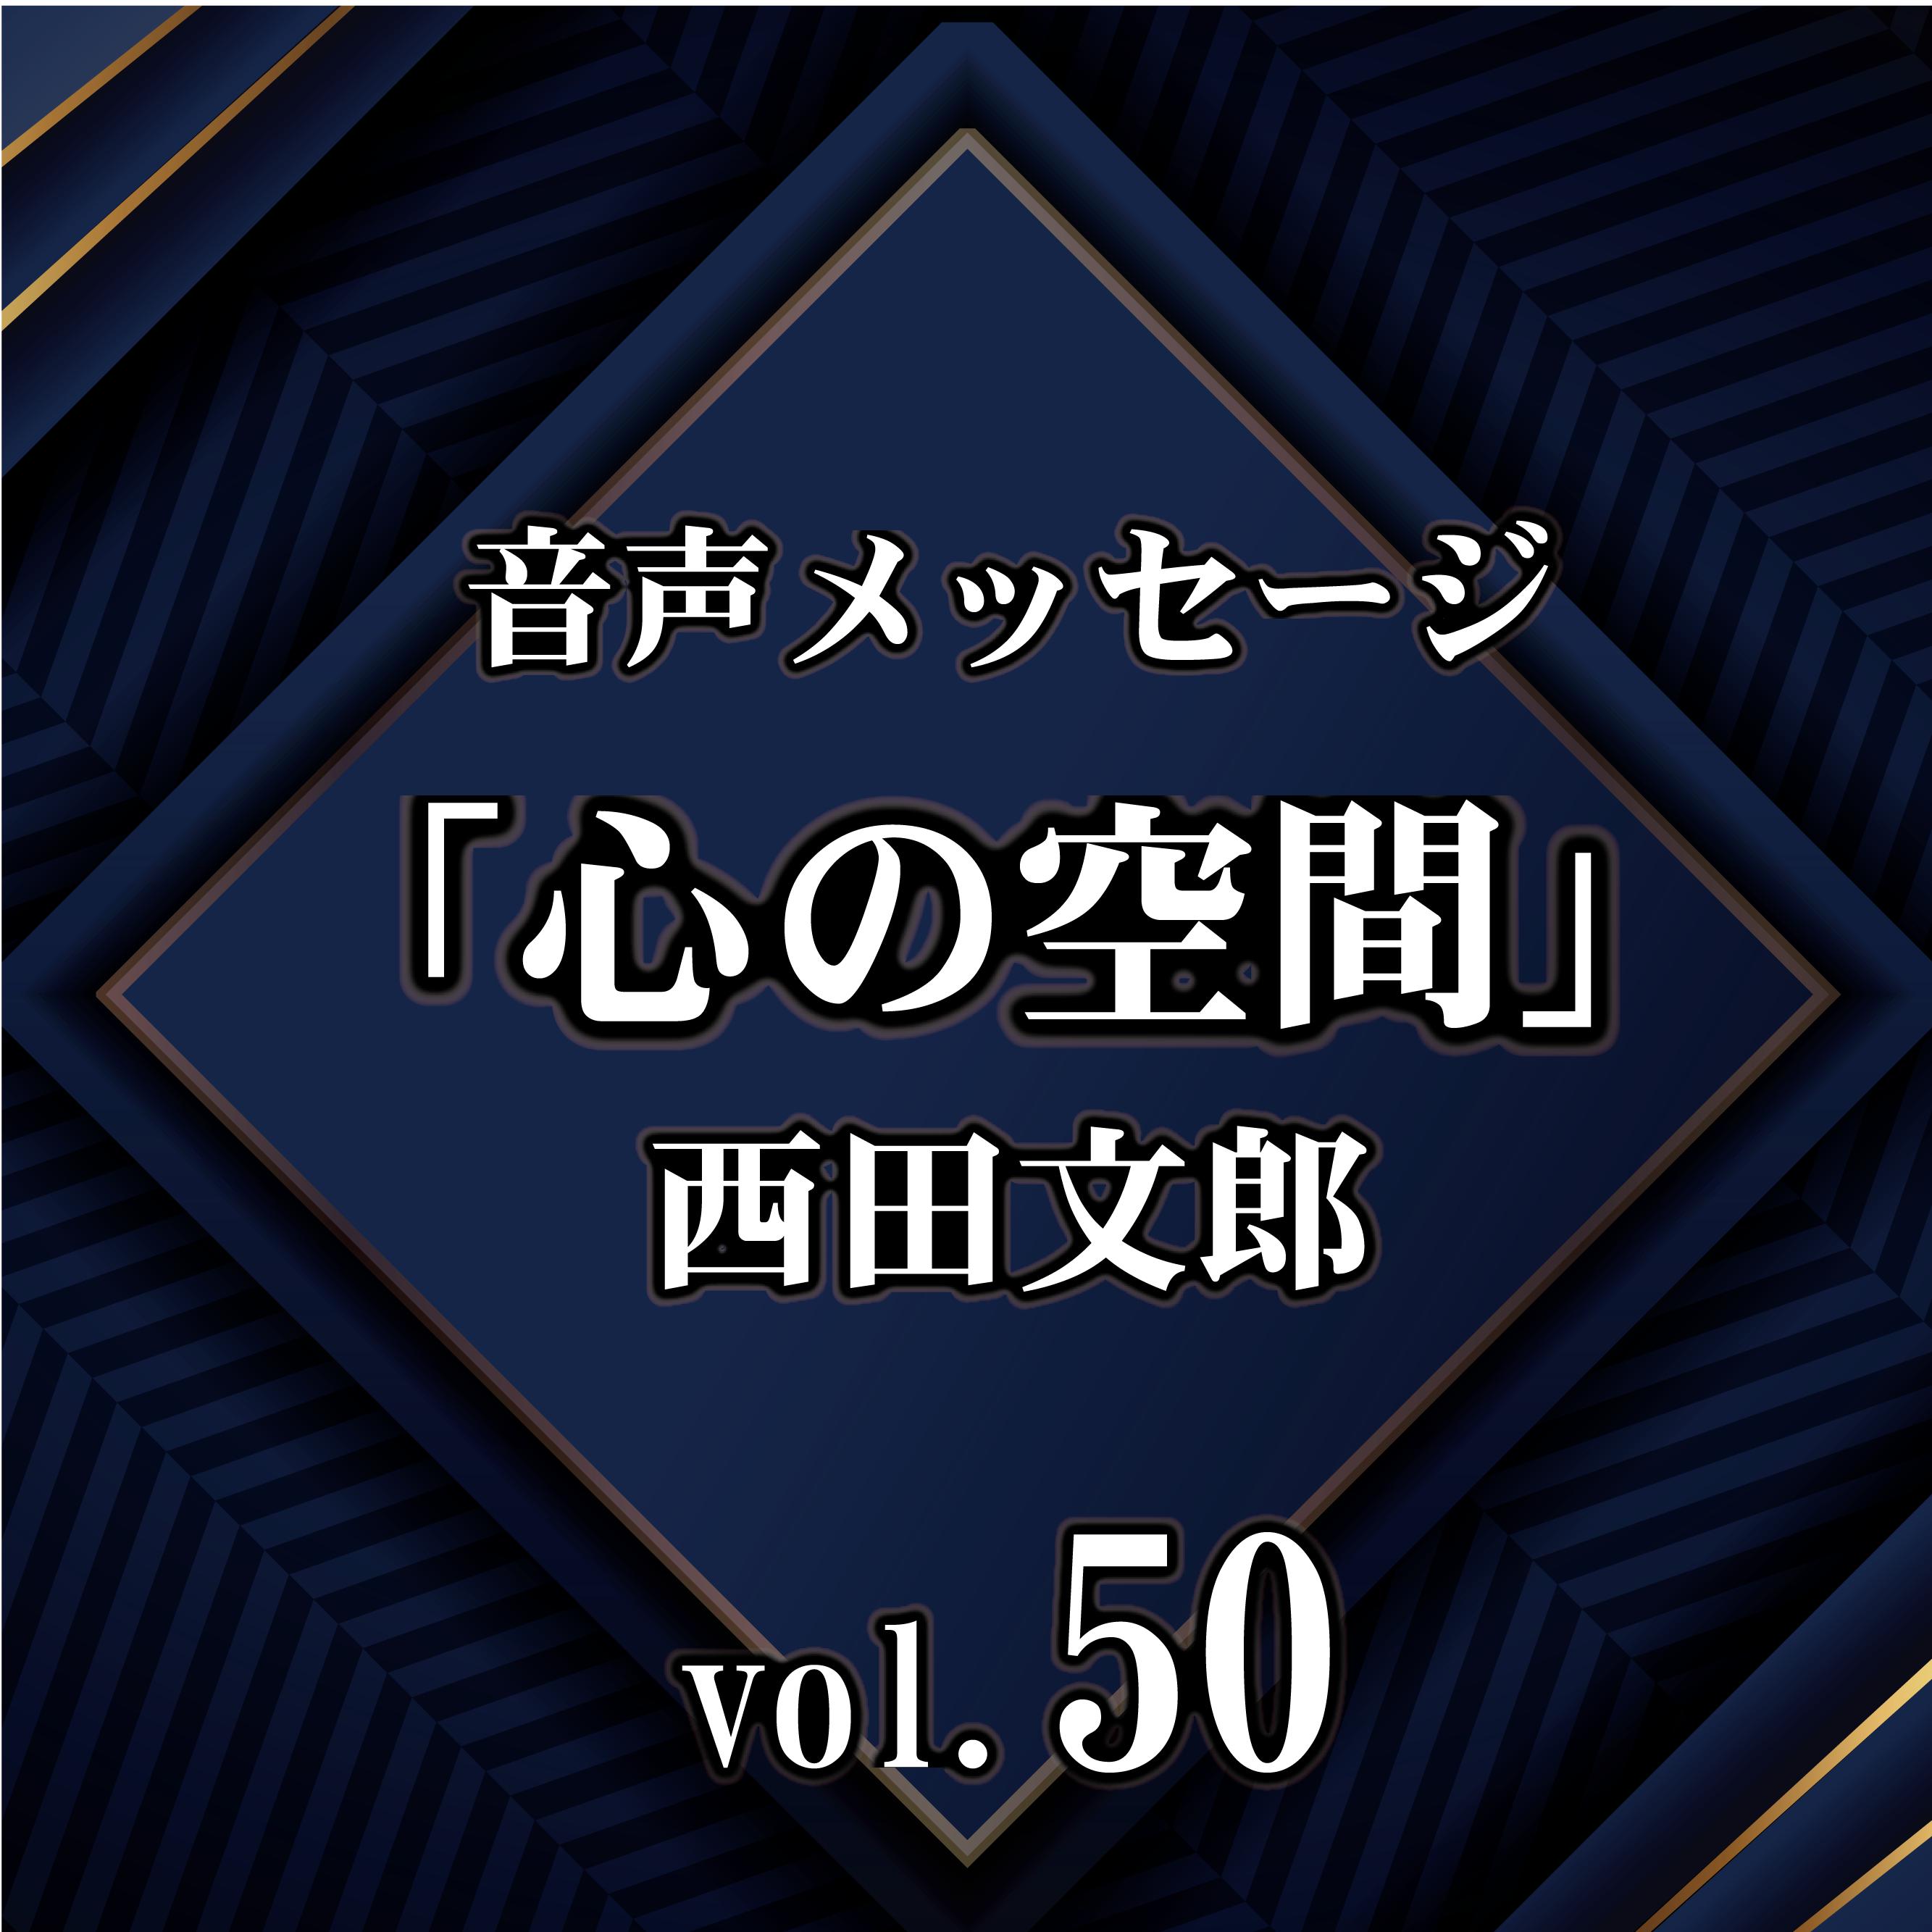 西田文郎 音声メッセージvol.50『心の空間』